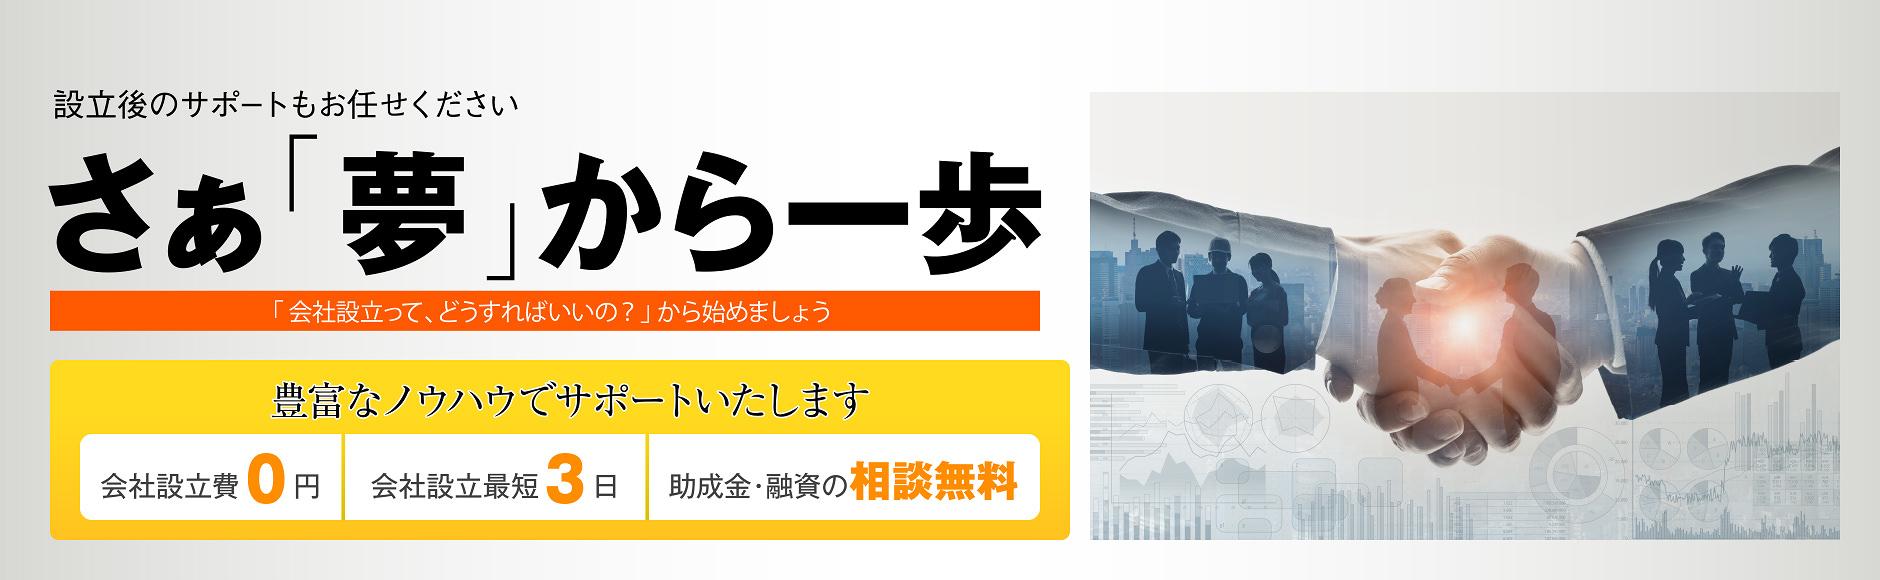 大阪会社設立夢工房メインビジュアル